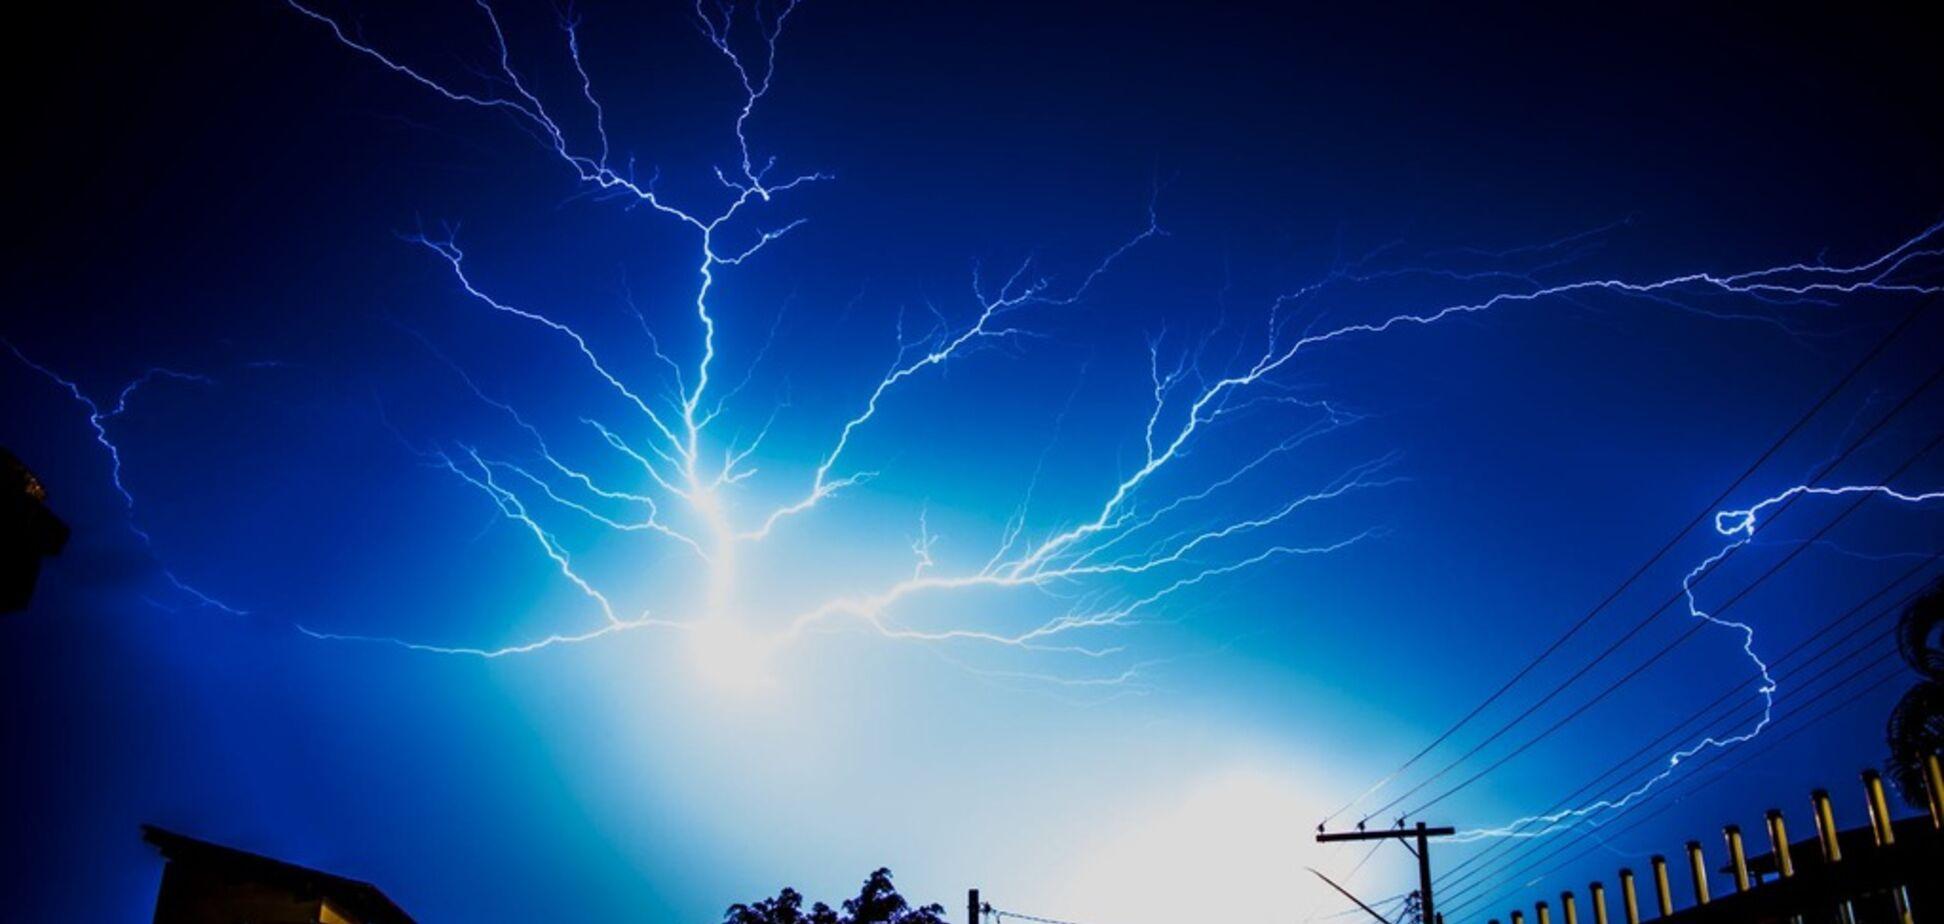 Україною пронісся небезпечний торнадо: синоптик попередила про різке погіршення погоди